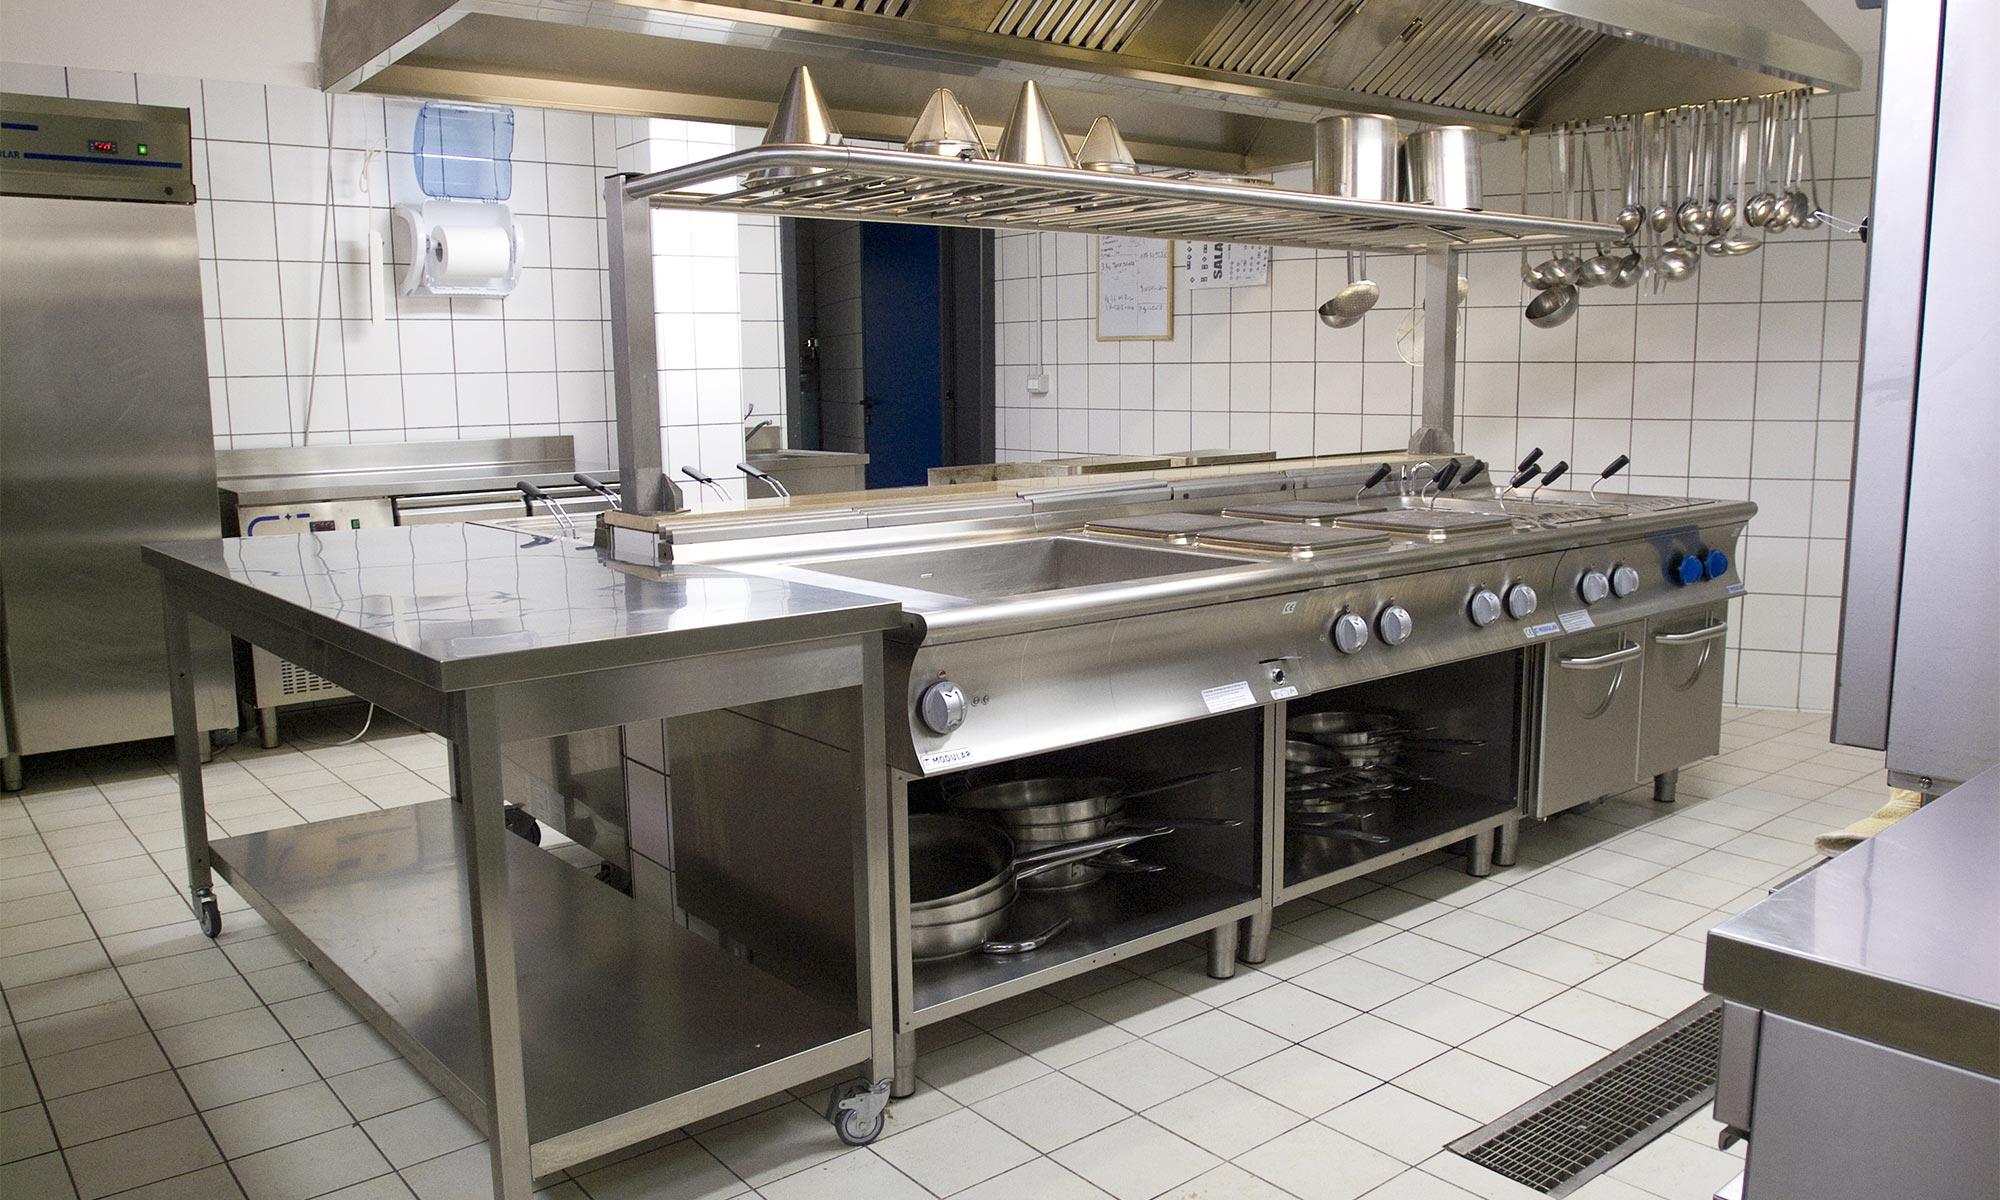 Miragica cucina sat arredamenti for Sat arredamenti